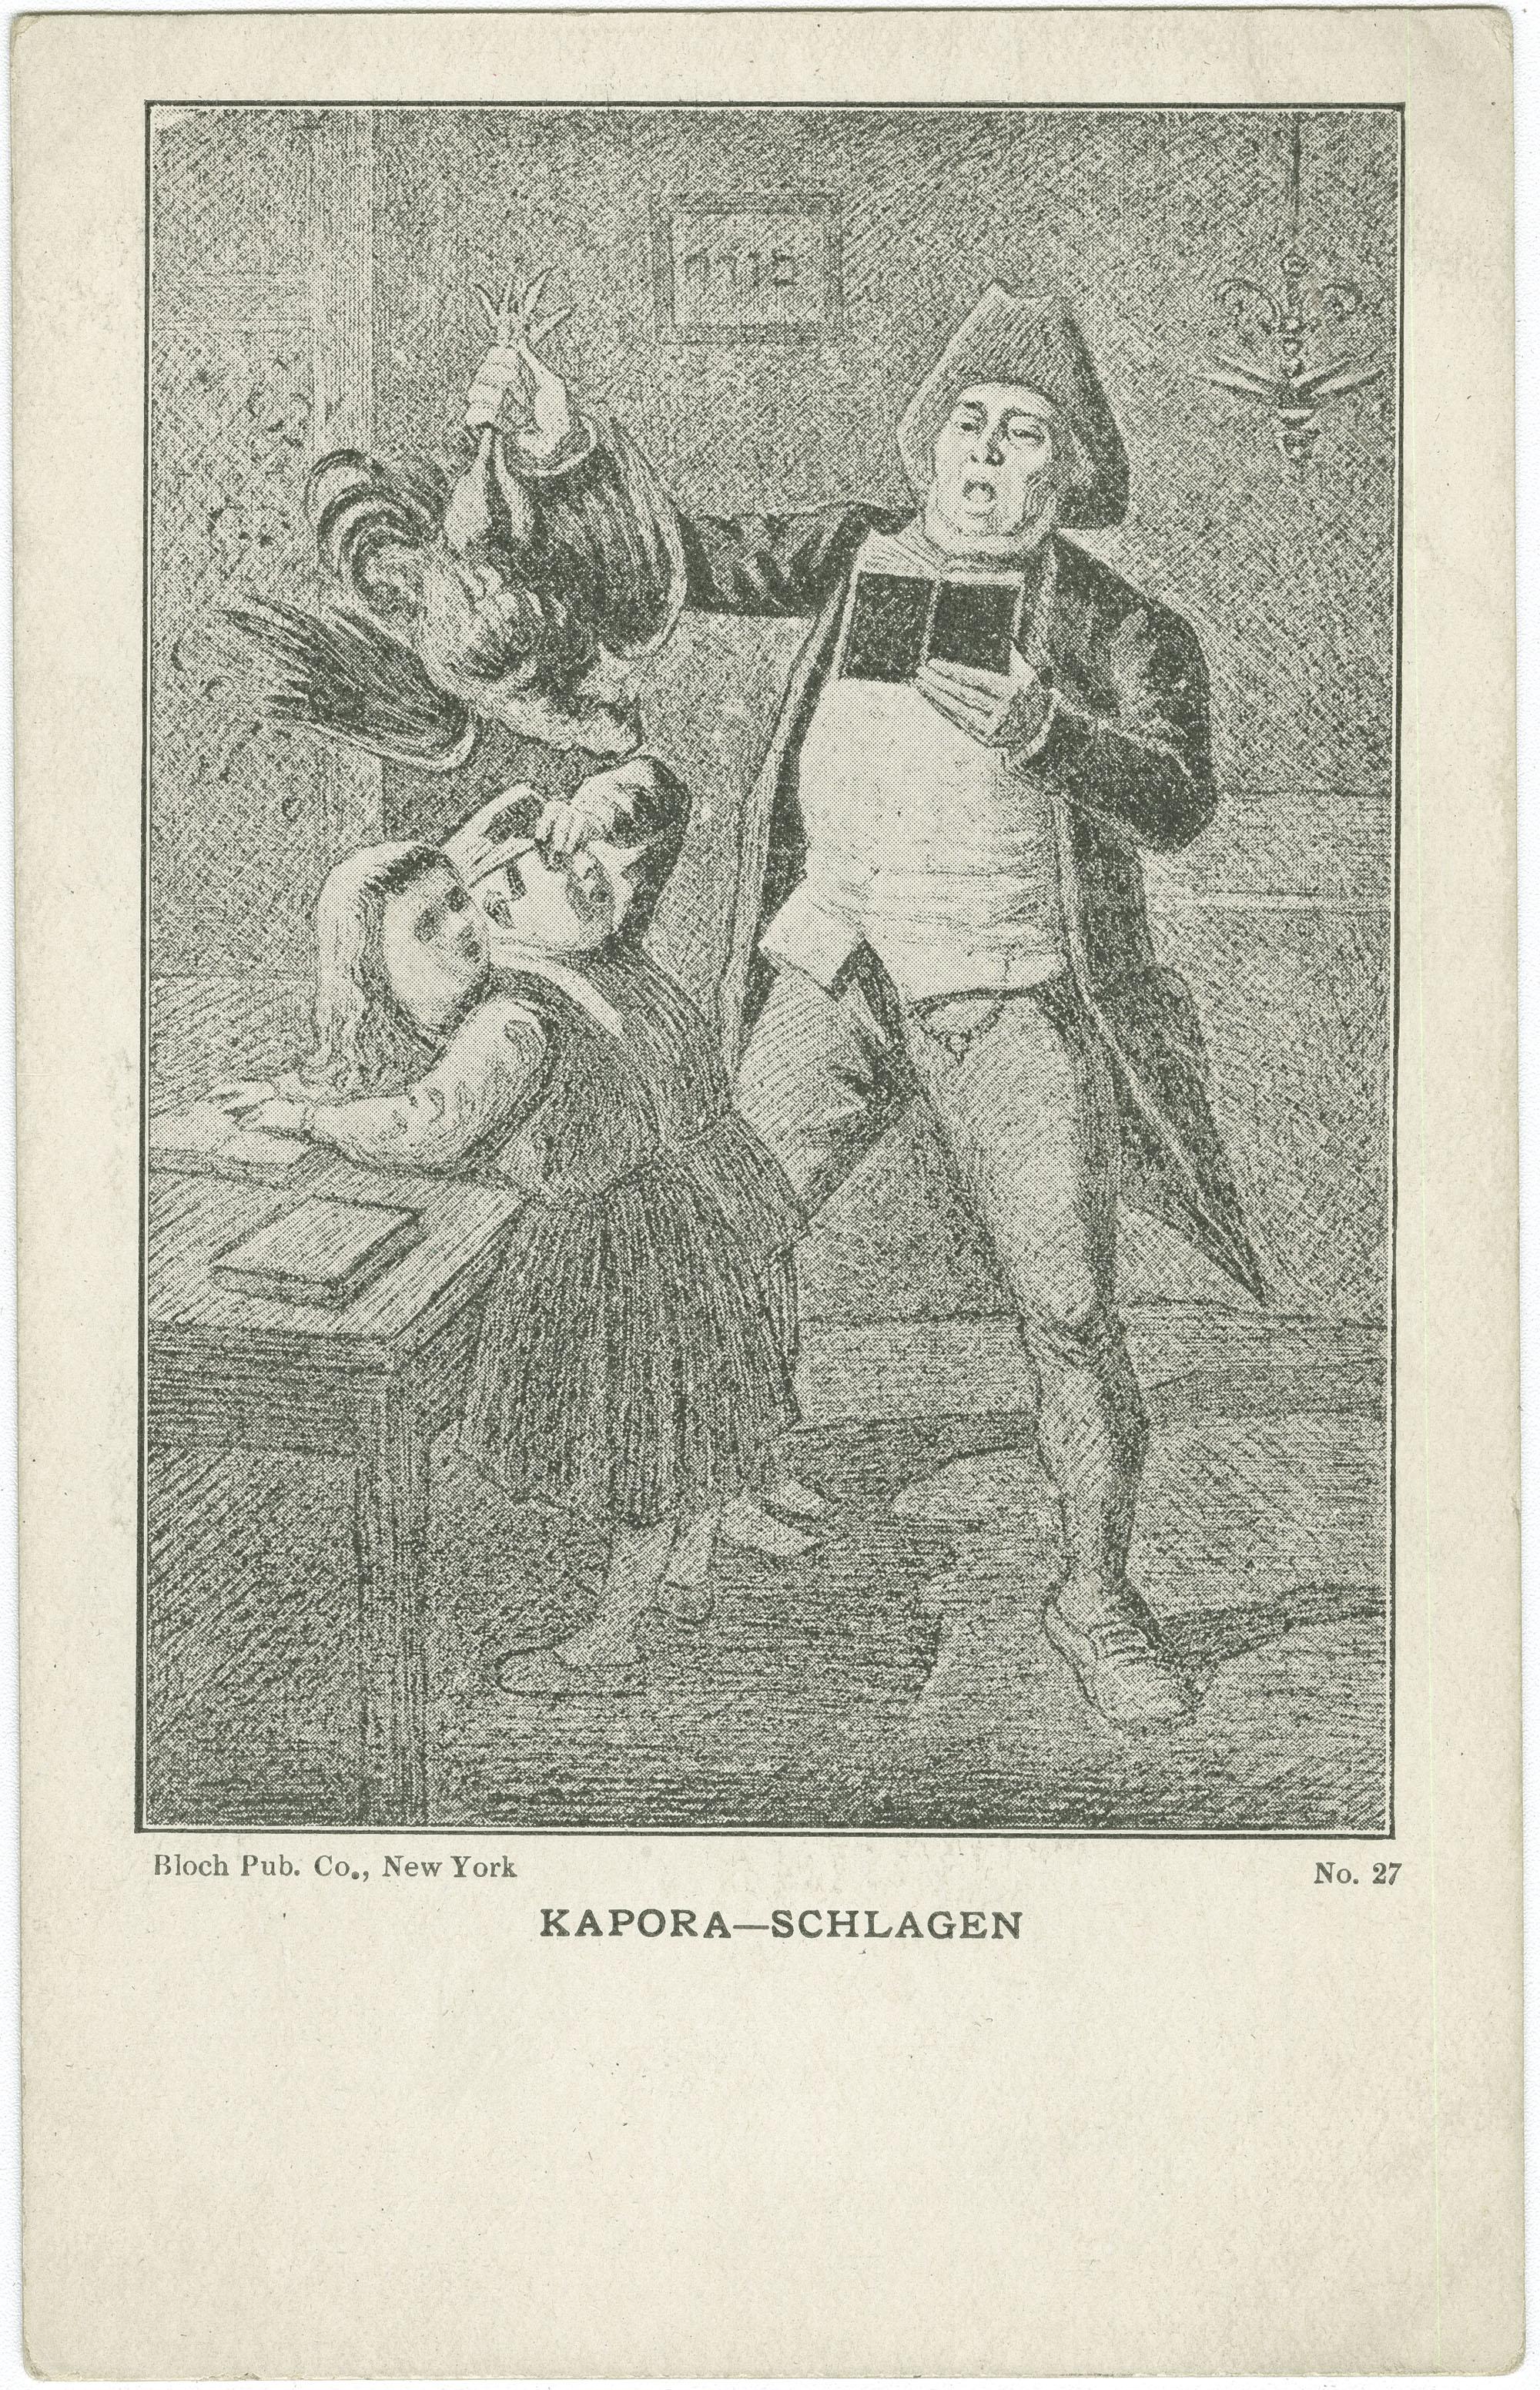 Kapora-Schlagen